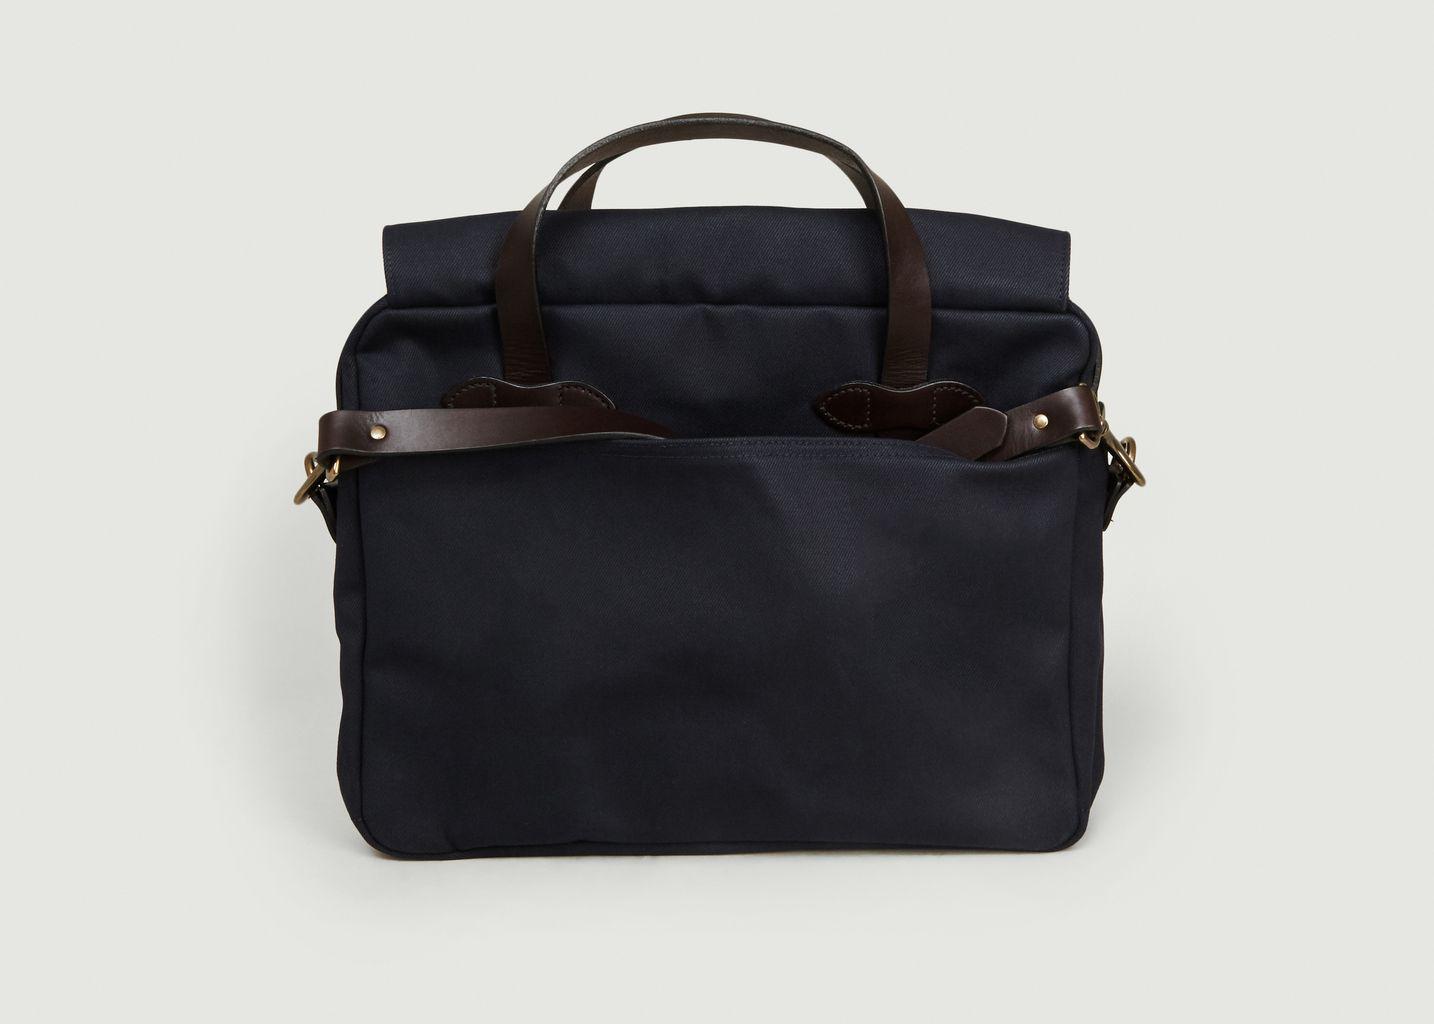 Malette Briefcase - Filson